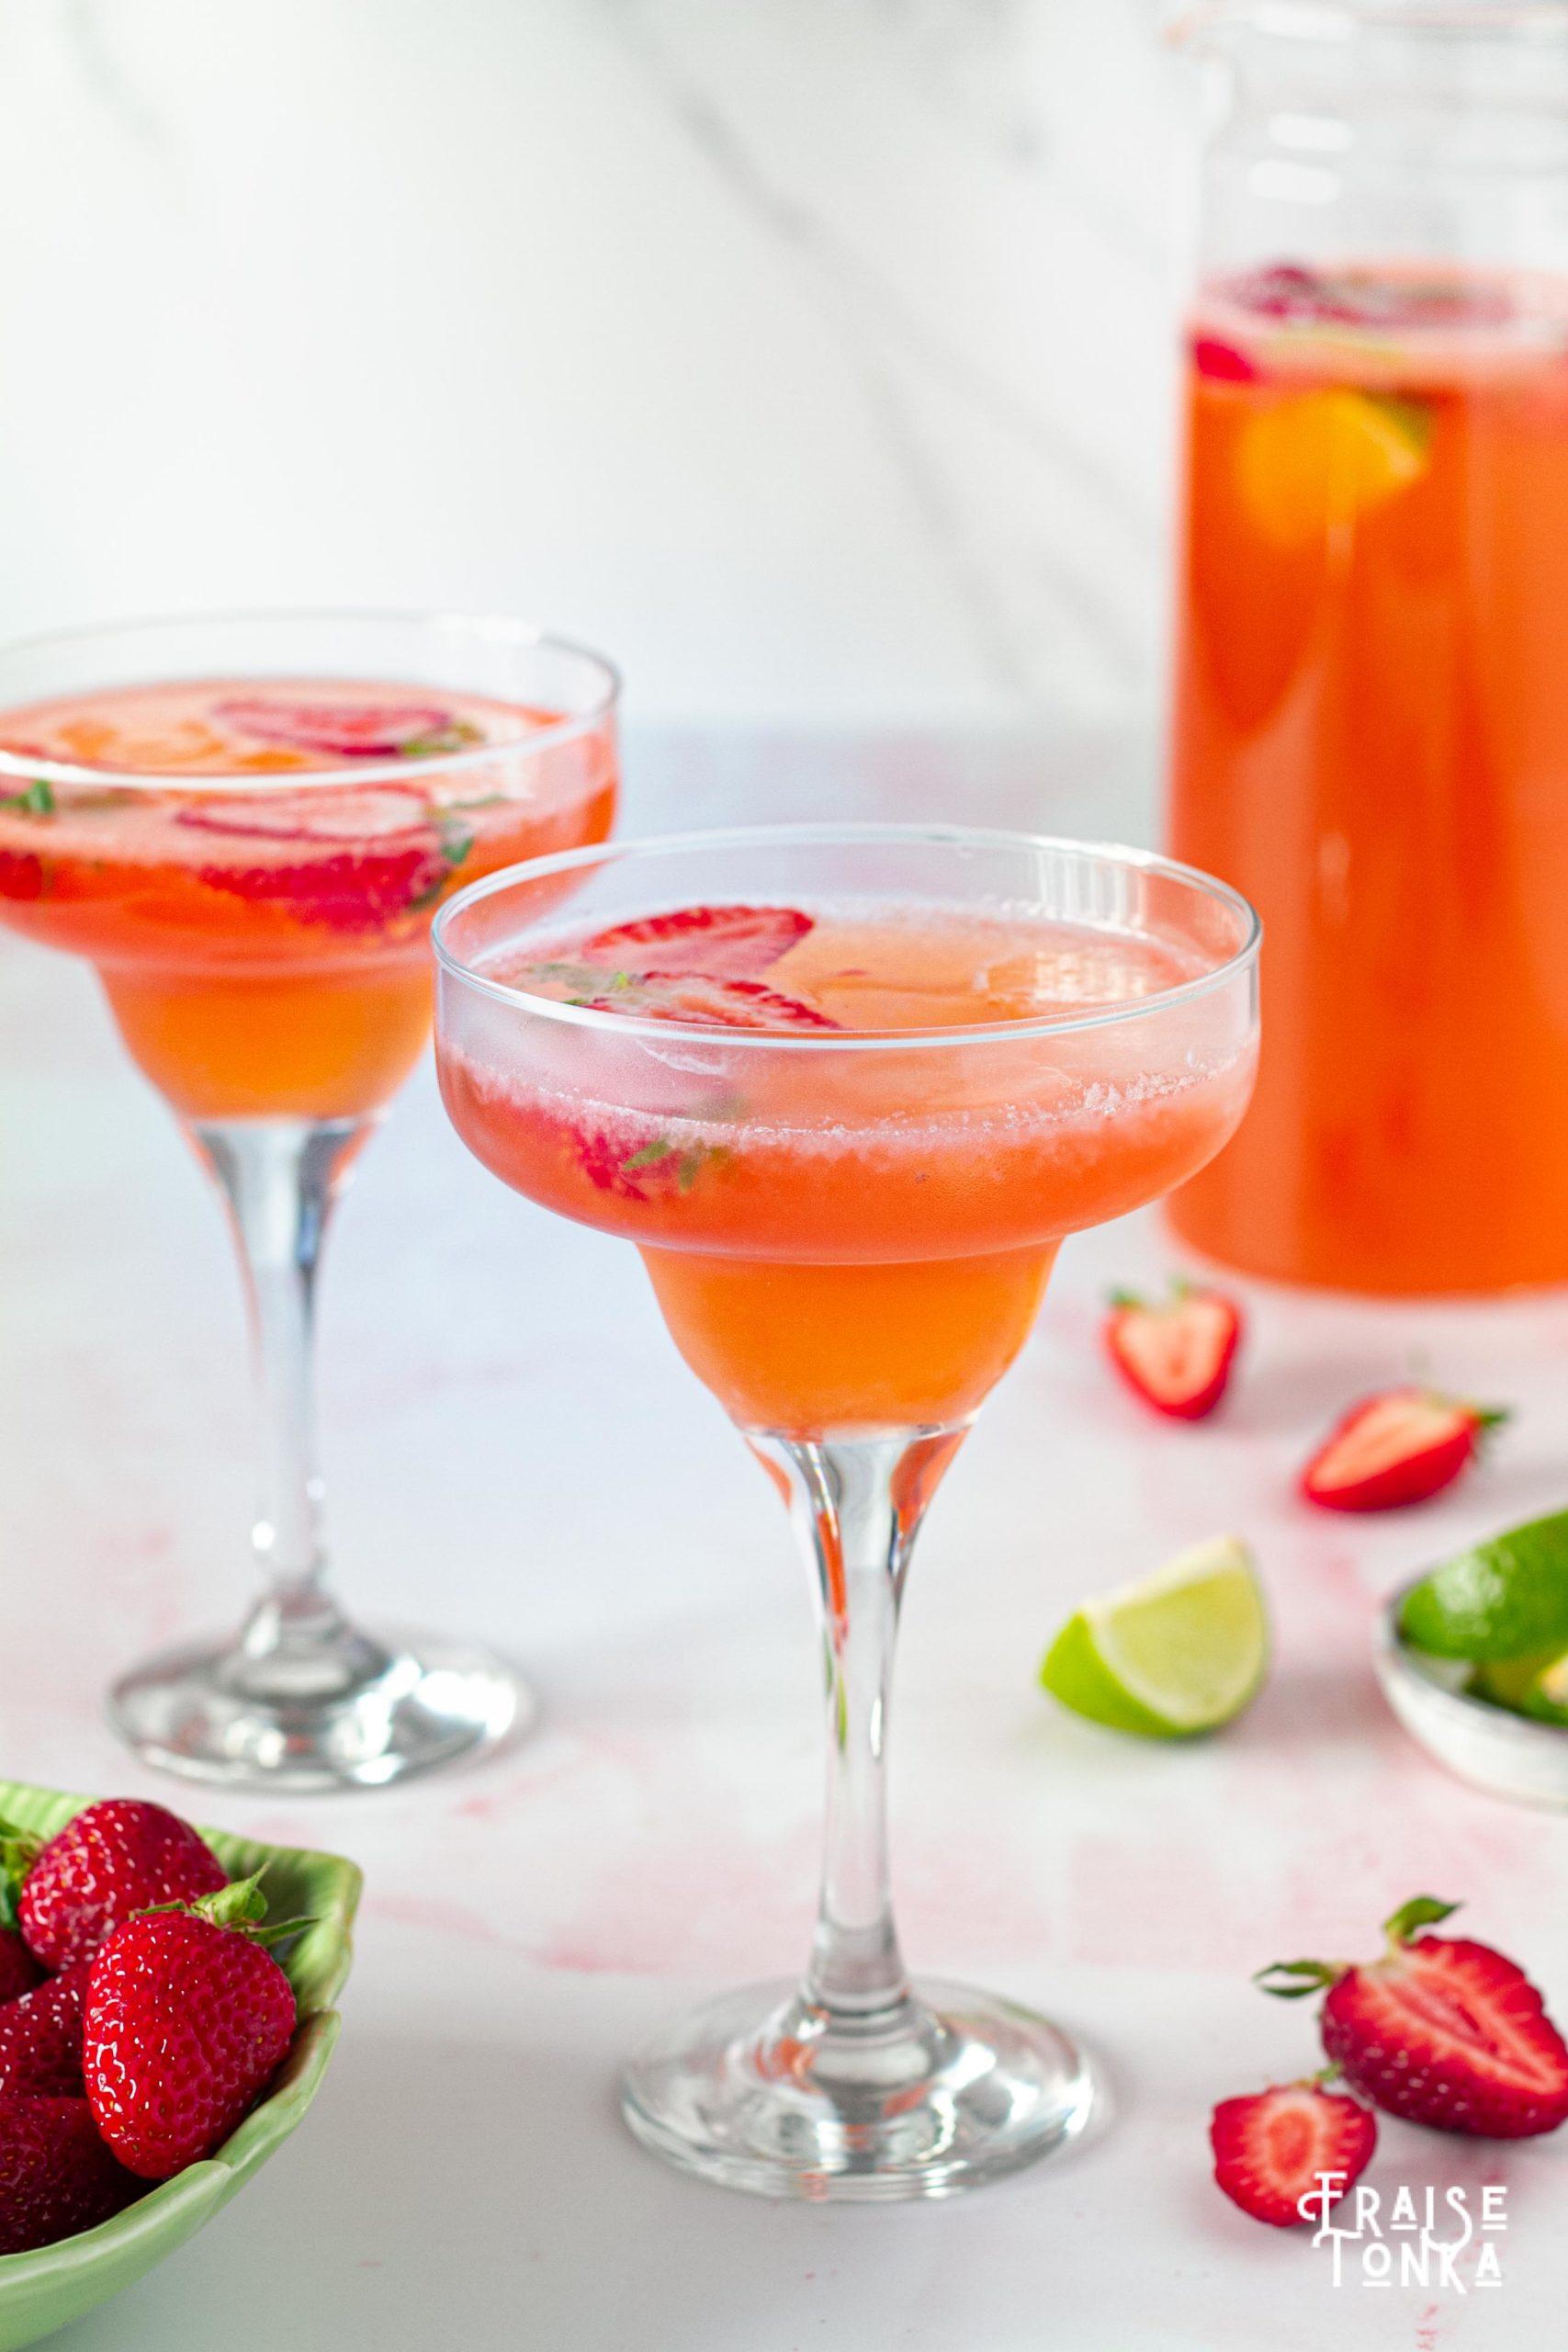 Limonade_maison_fraise_recette_photo_culinaire